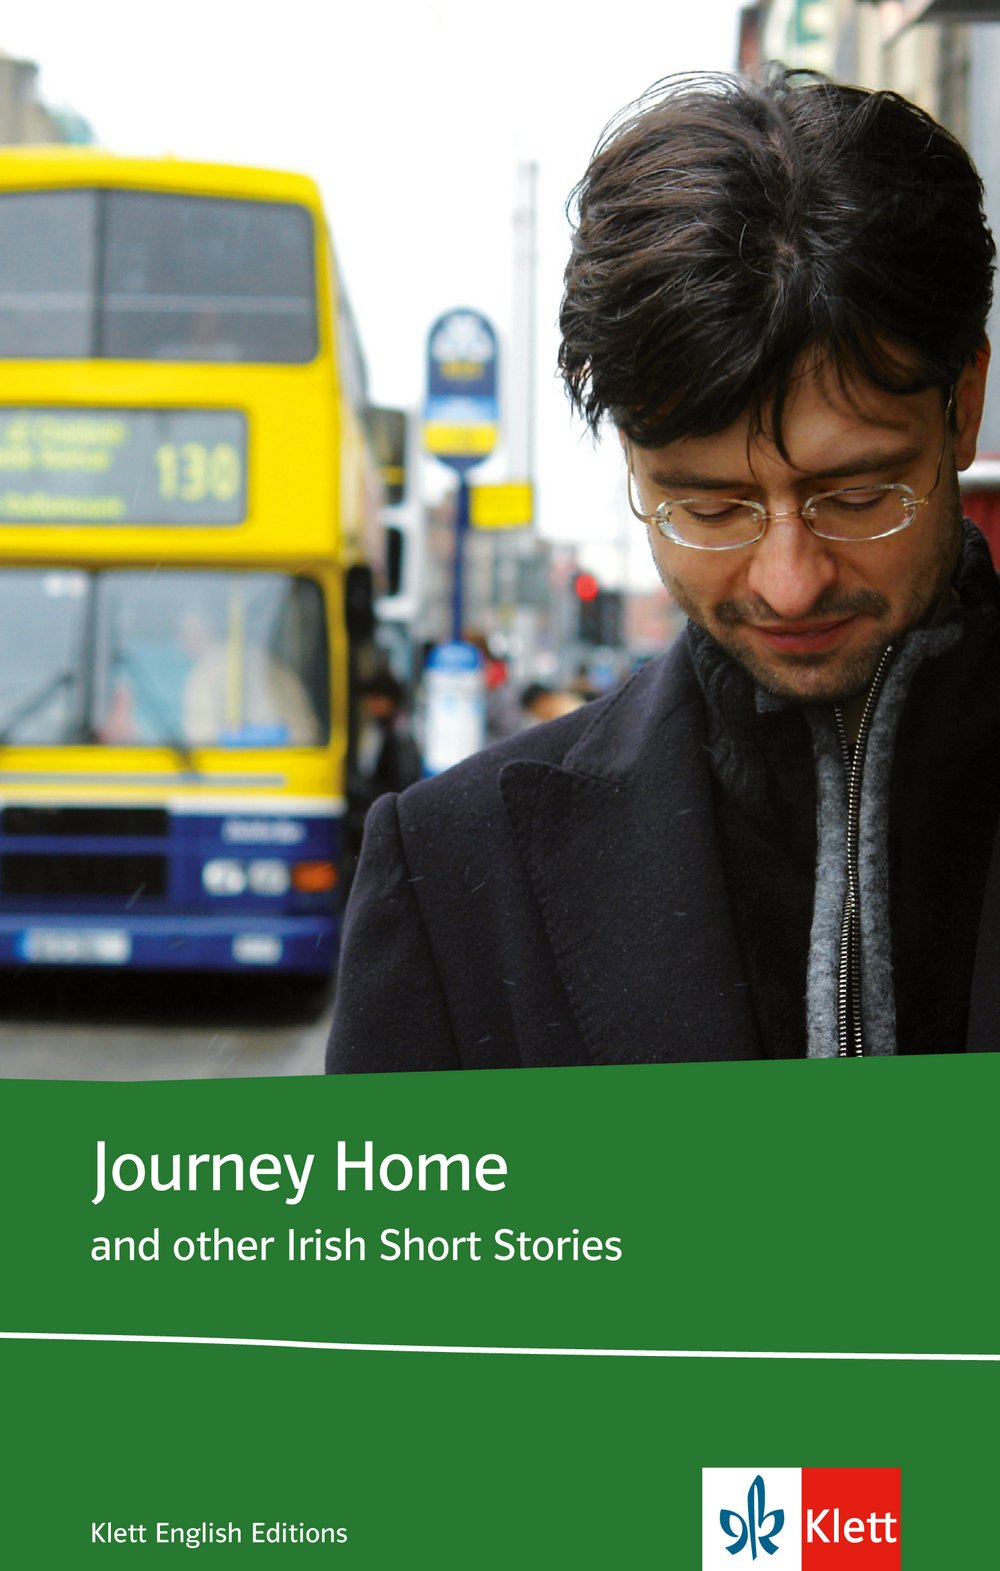 Journey Home and other Irish Short Stories: And other Irish Short Stories. Englische Lektüre für die Oberstufe. Originaltext mit Annotationen und Zusatztexten (Klett English Editions)